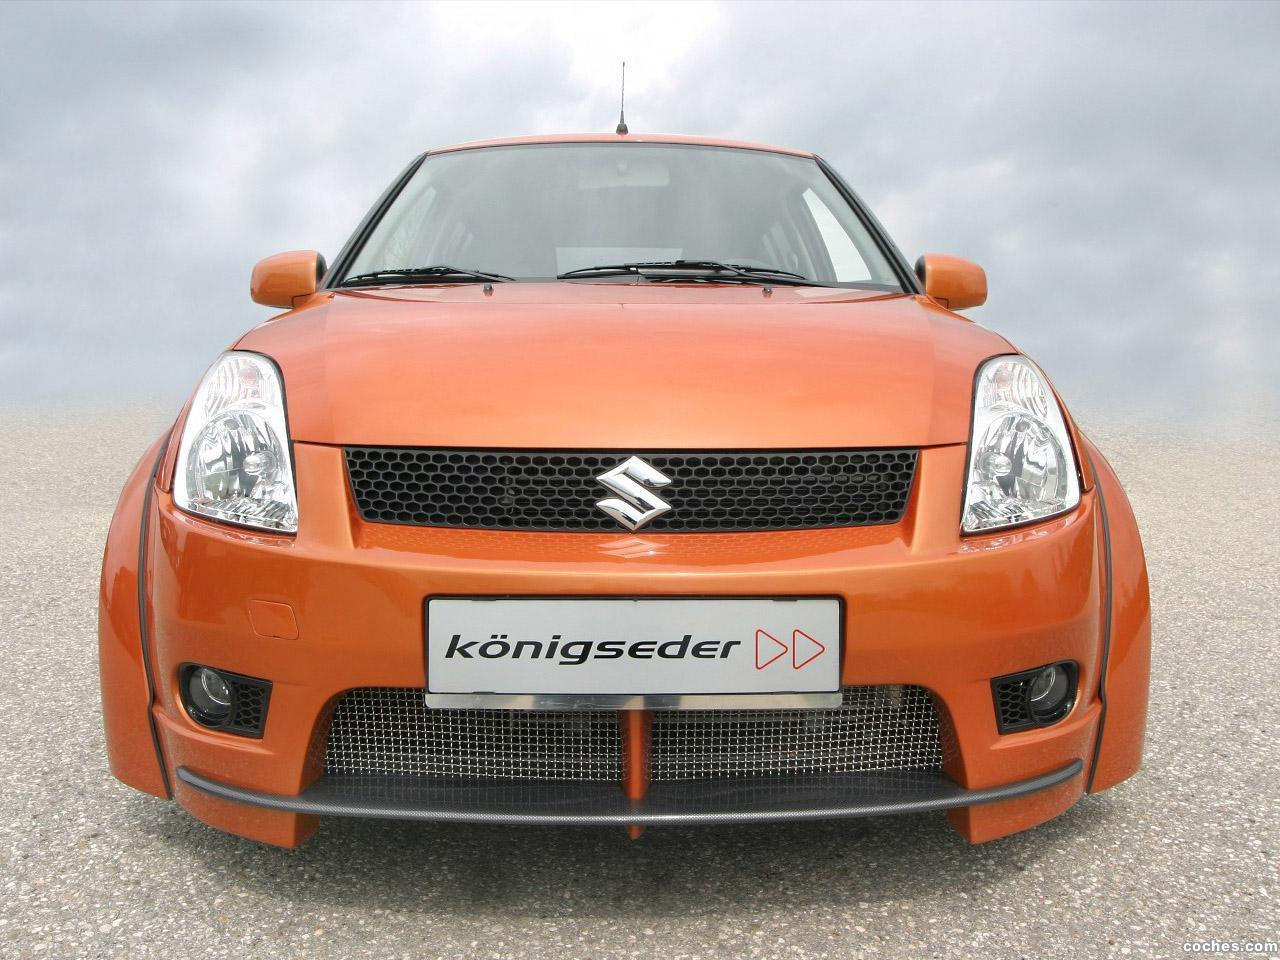 Foto 0 de Konigseder Suzuki Swift Super Size 2008